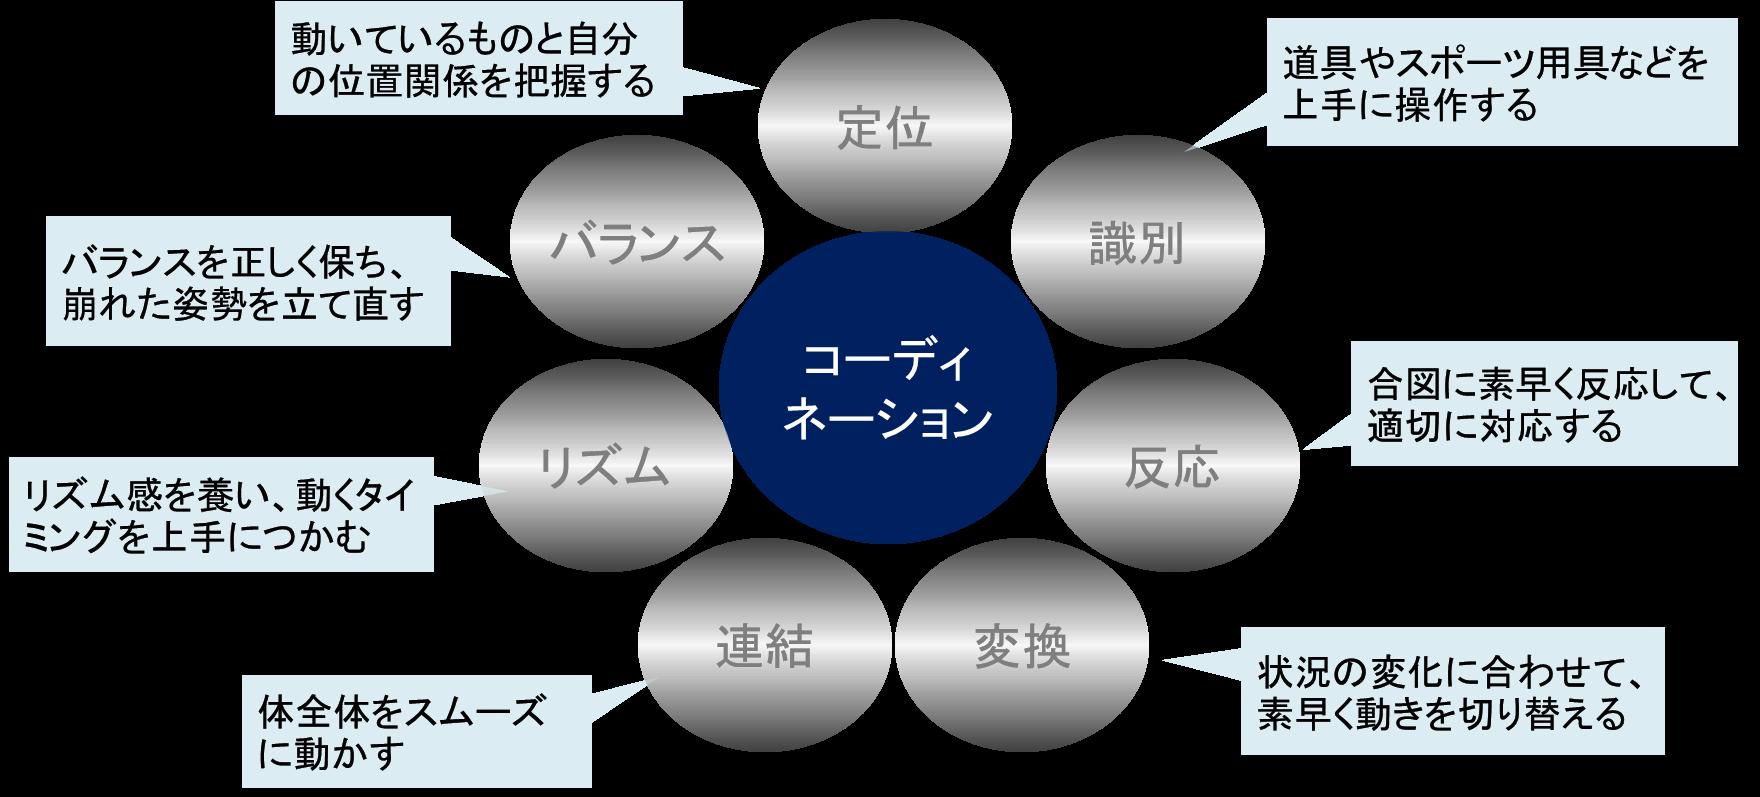 コーディネーション図.png